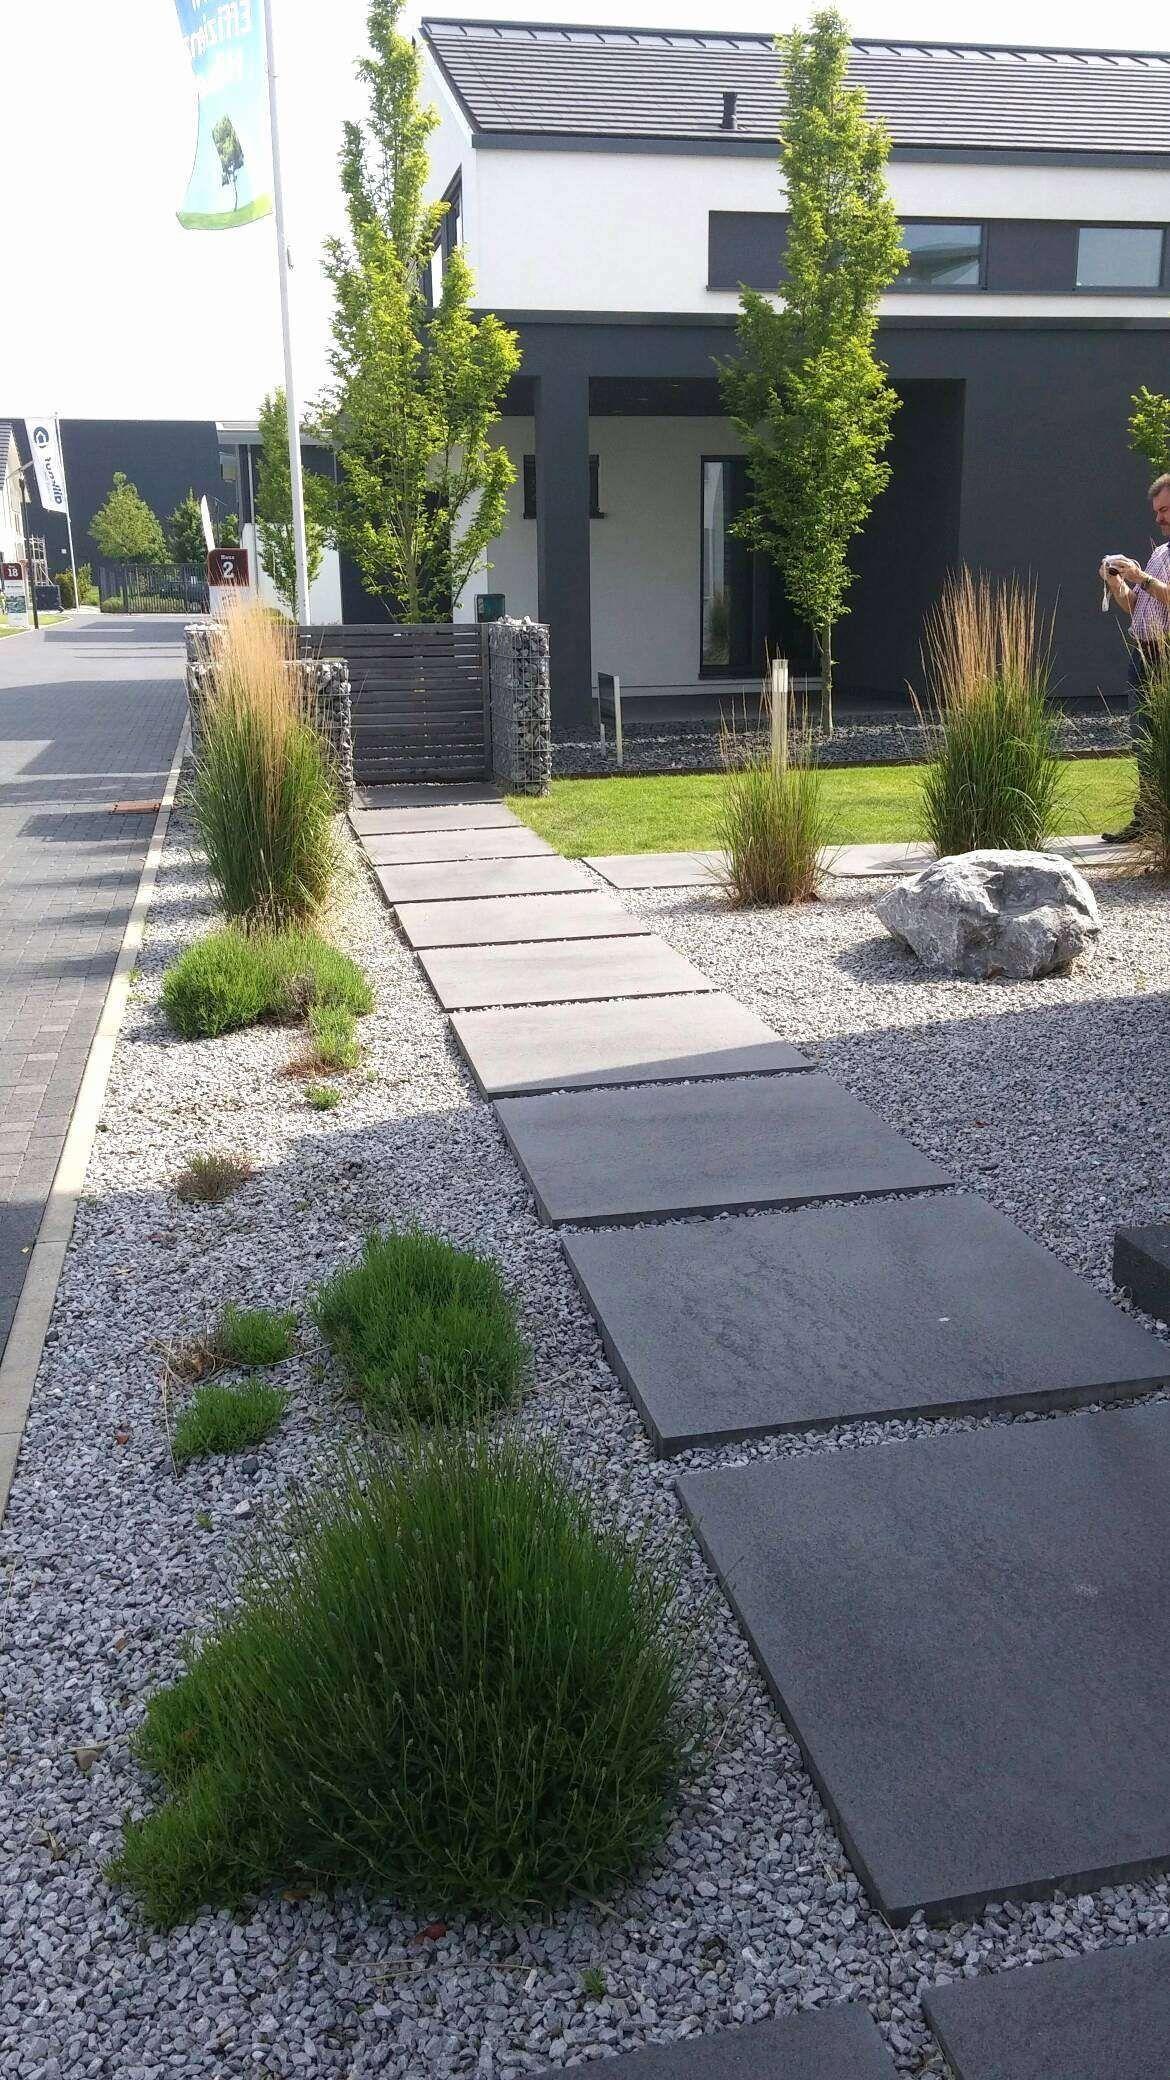 Gartenanlagen Beispiele Schön Garten Ideas Garten Anlegen Lovely Aussenleuchten Garten 0d